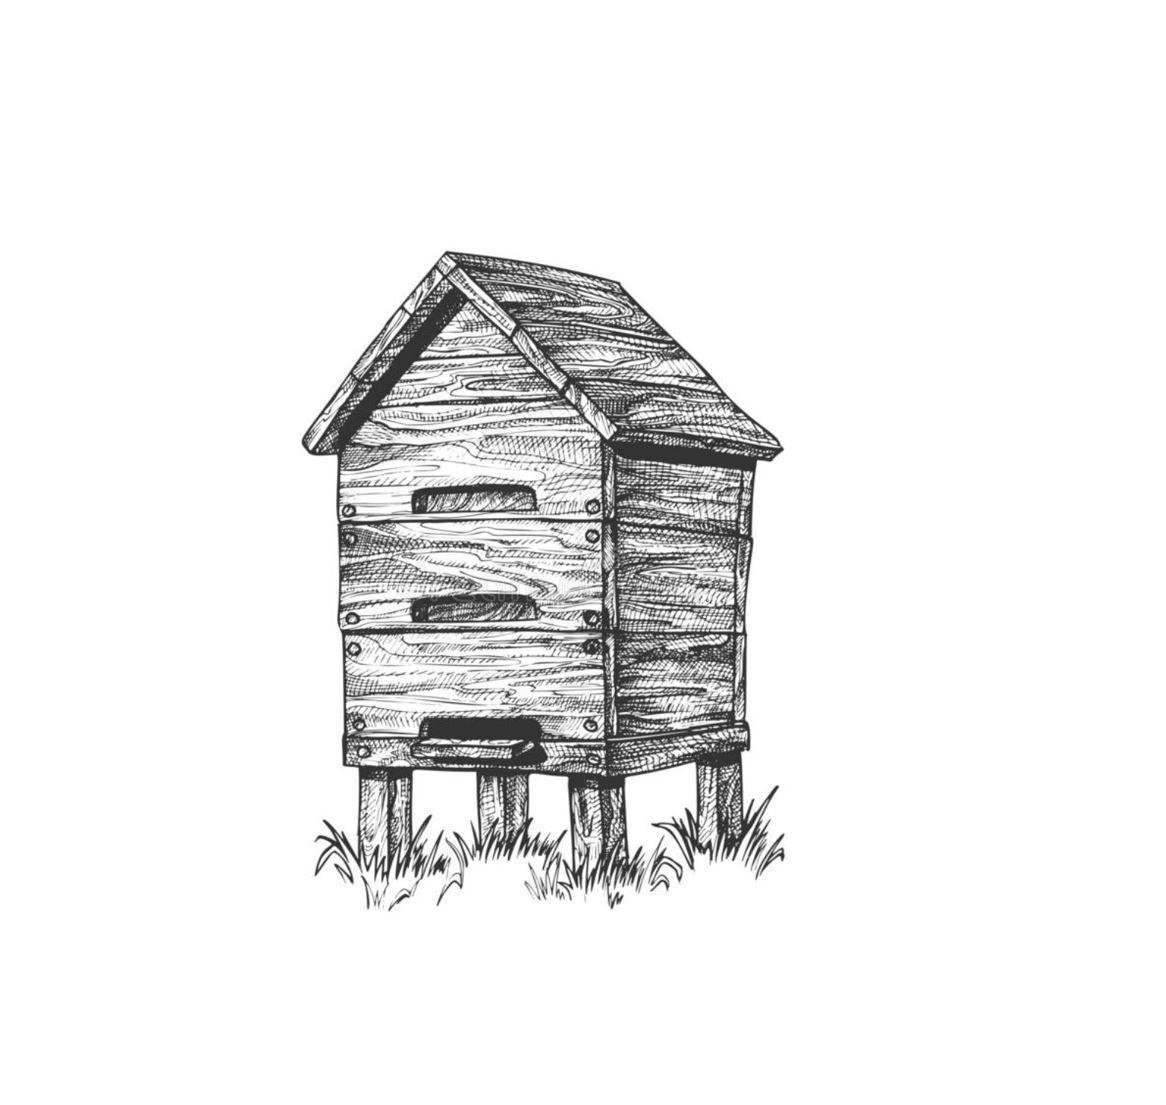 beehive sketch1.jpg